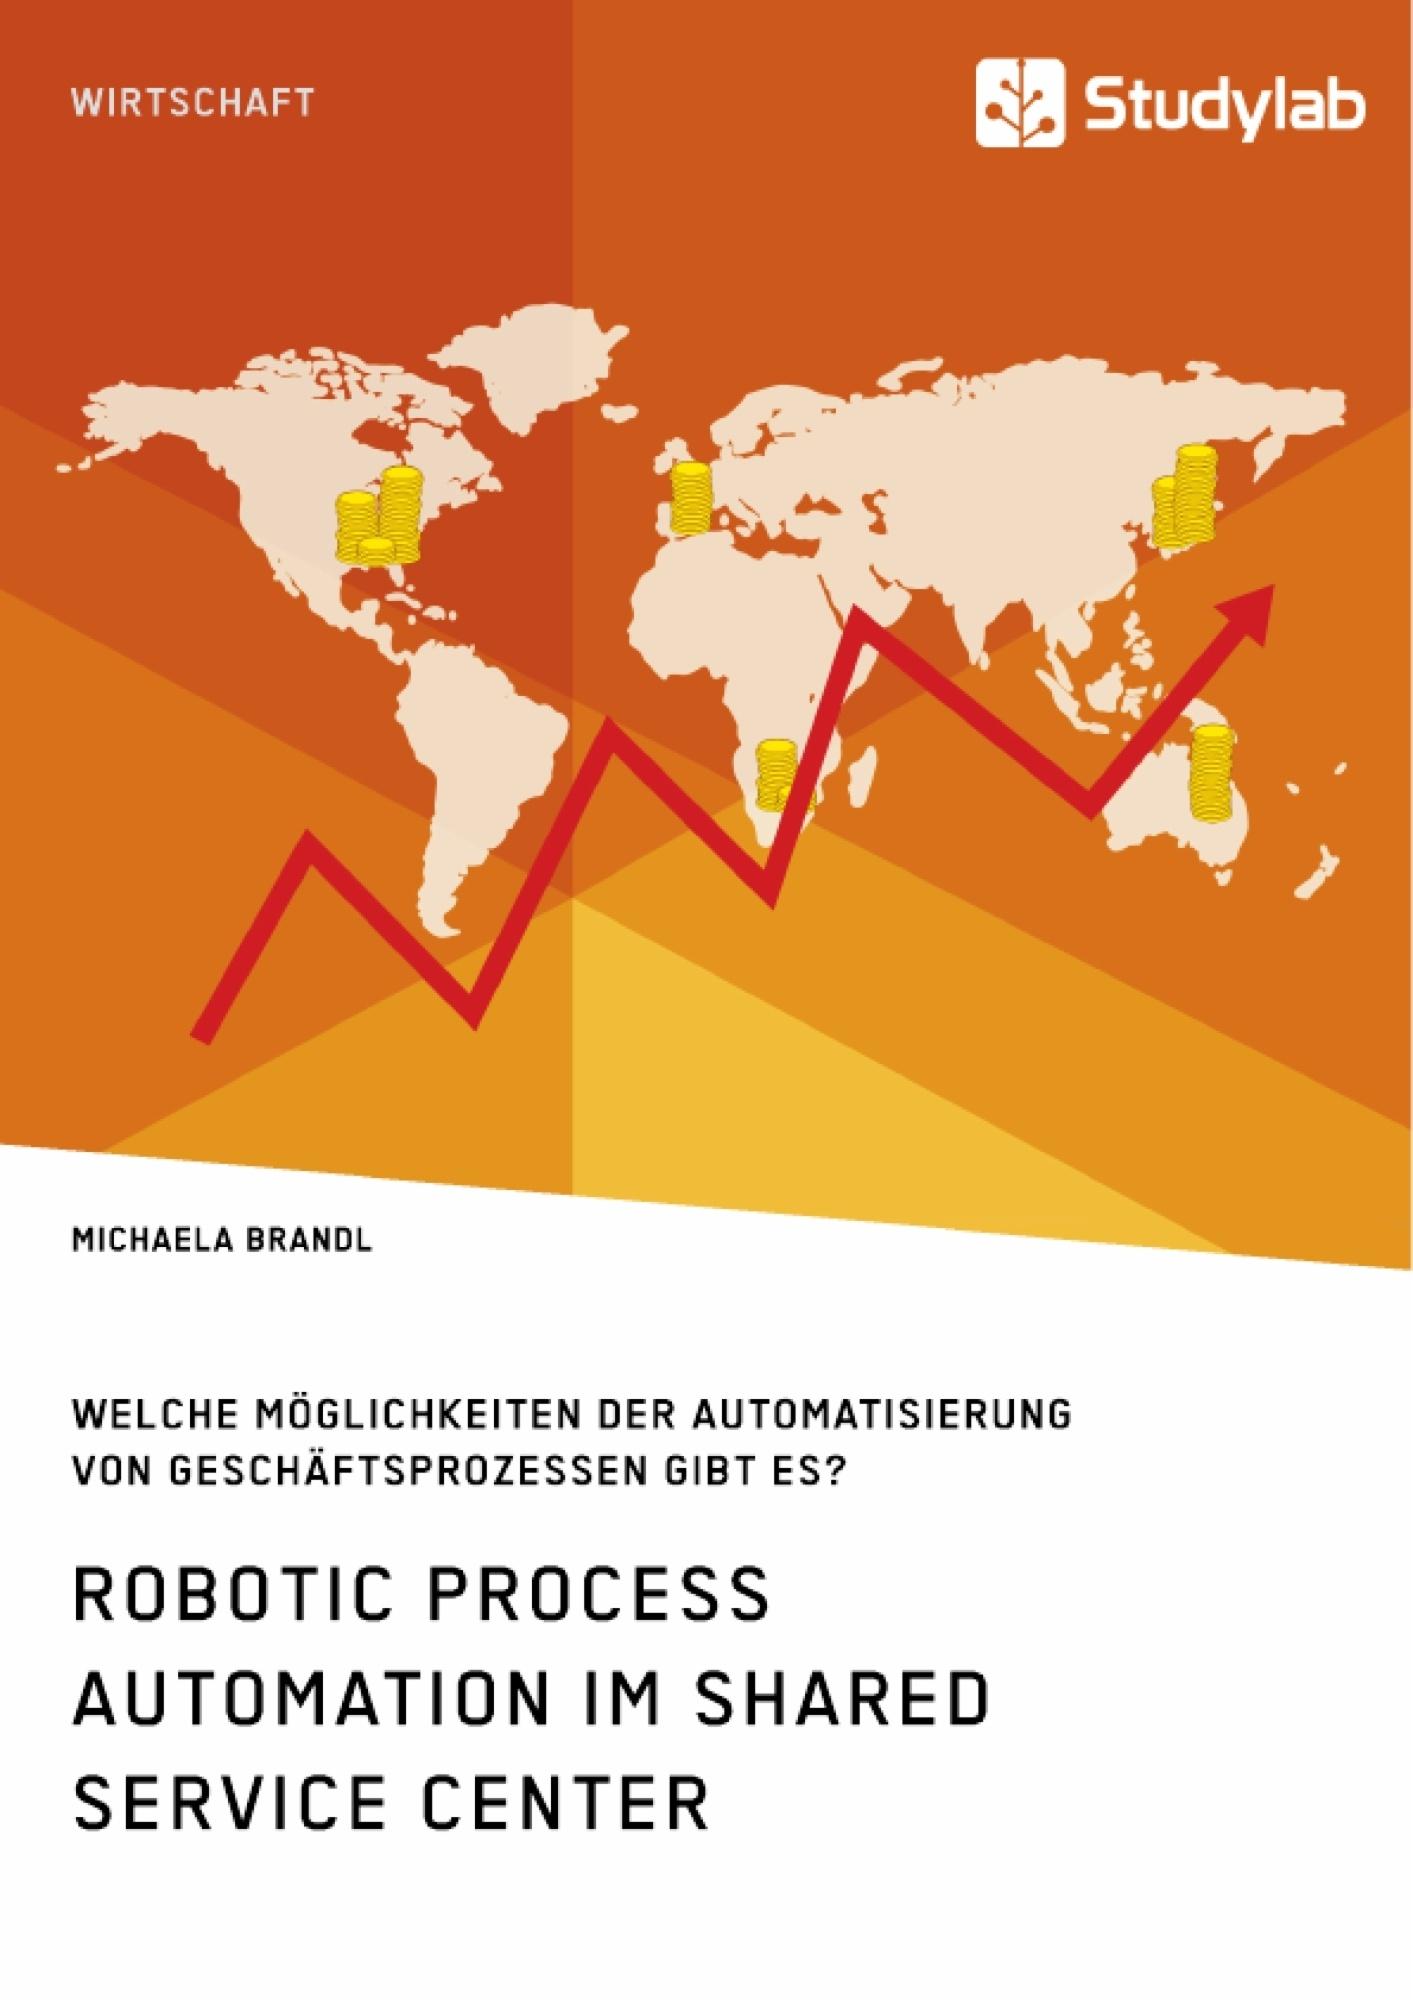 Titel: Robotic Process Automation im Shared Service Center. Welche Möglichkeiten der Automatisierung von Geschäftsprozessen gibt es?